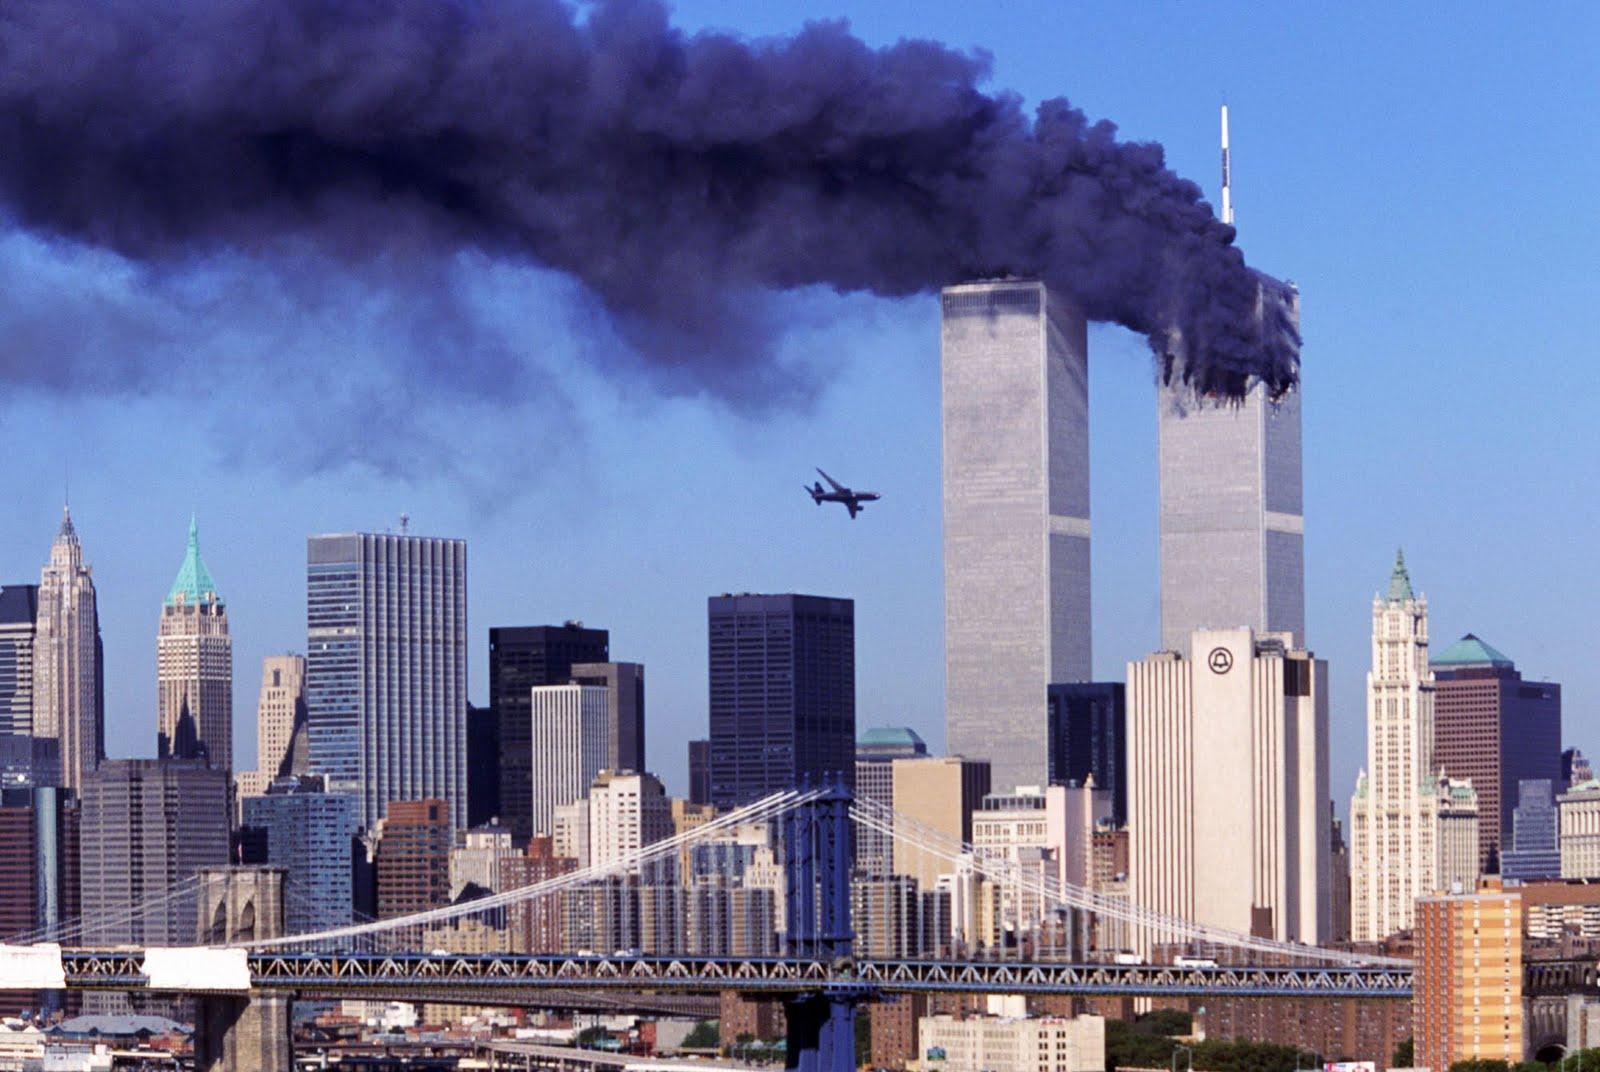 9/11: Mit tanult Amerika az elmúlt 18 évben? – Neokohn